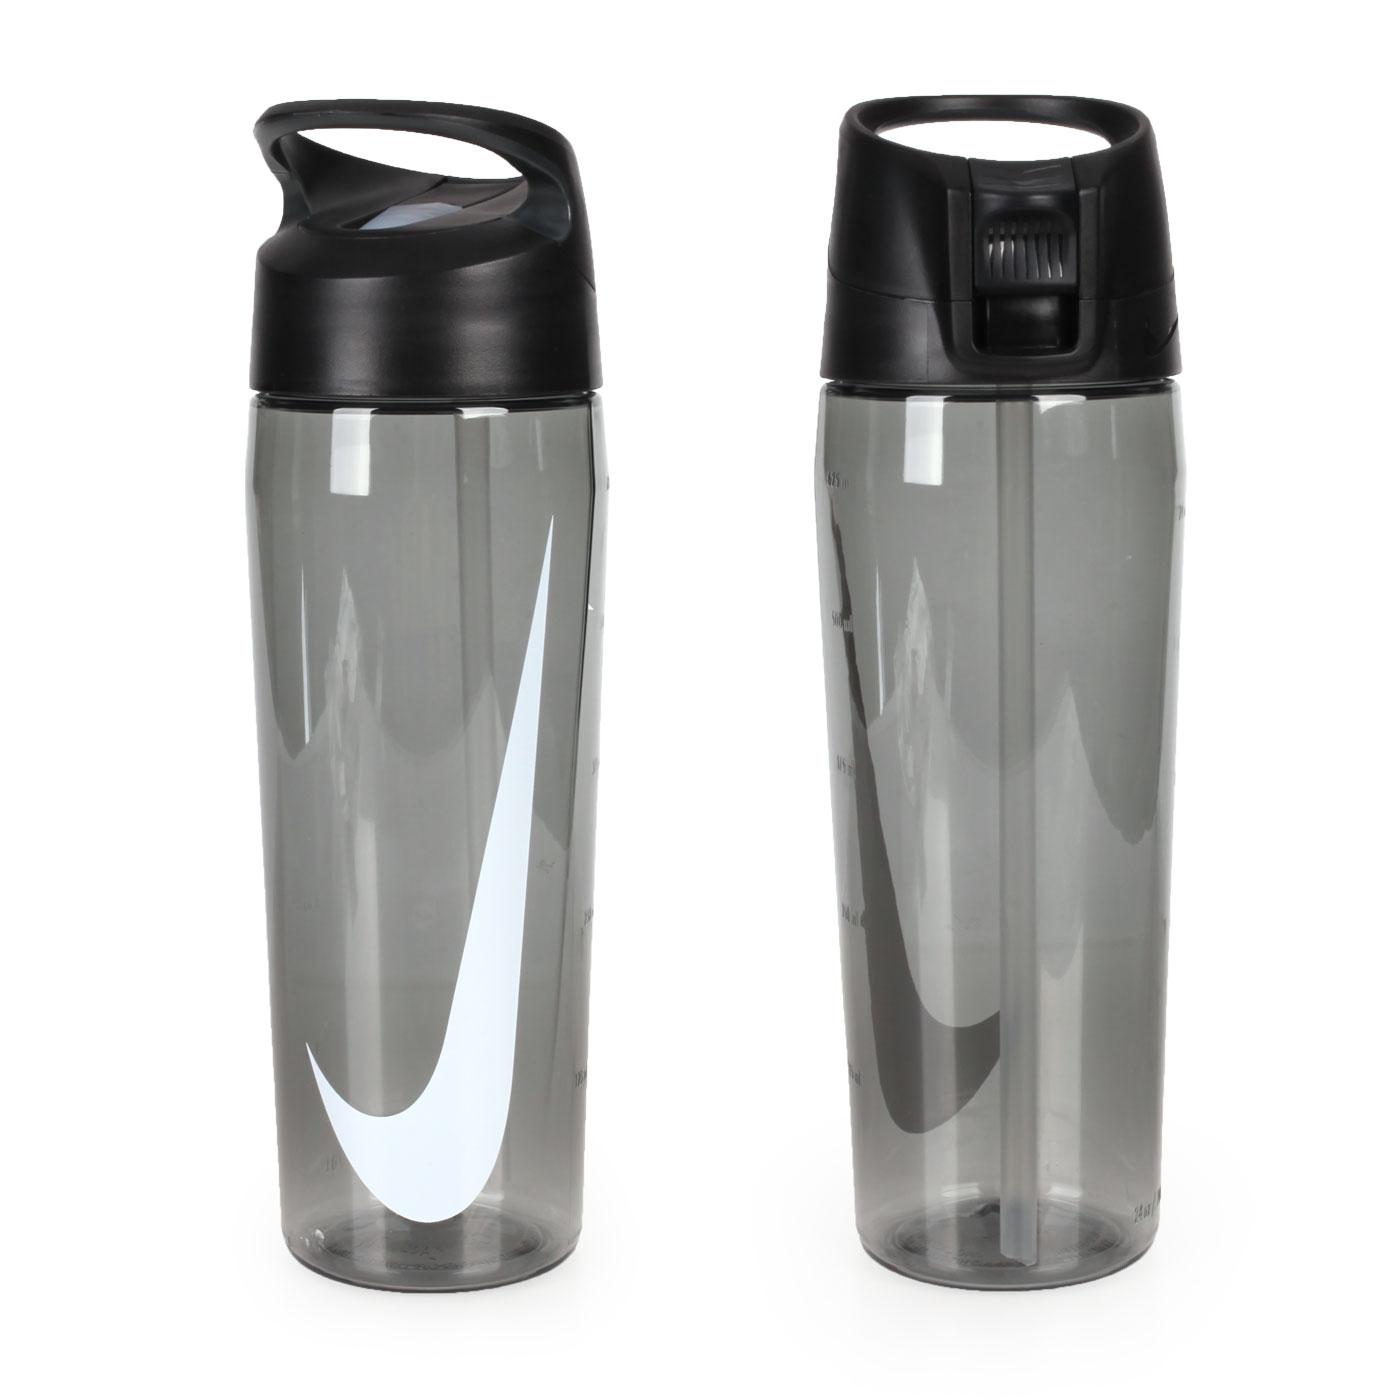 NIKE 24Z 吸管水壺 N000318402524 - 透明黑白